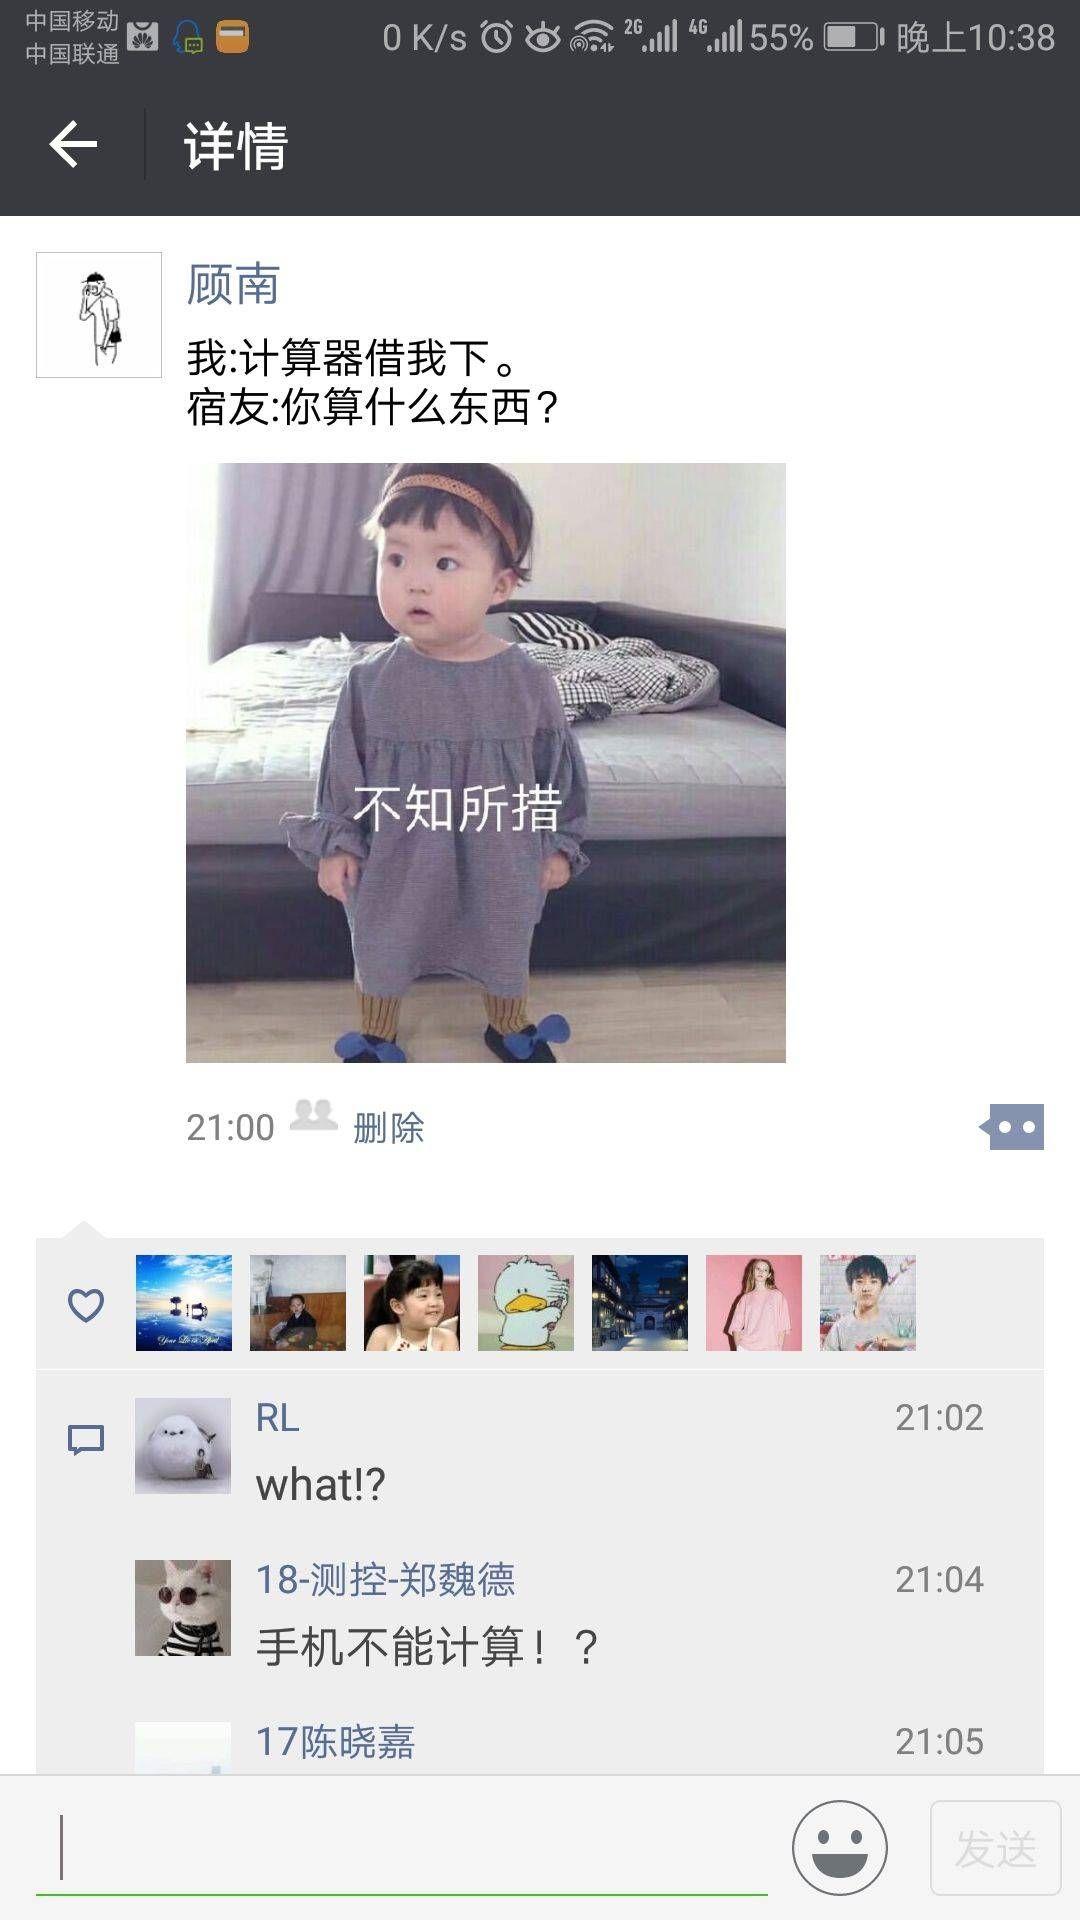 朋友圈装逼神器-Xcode - minjing_lin - 简书